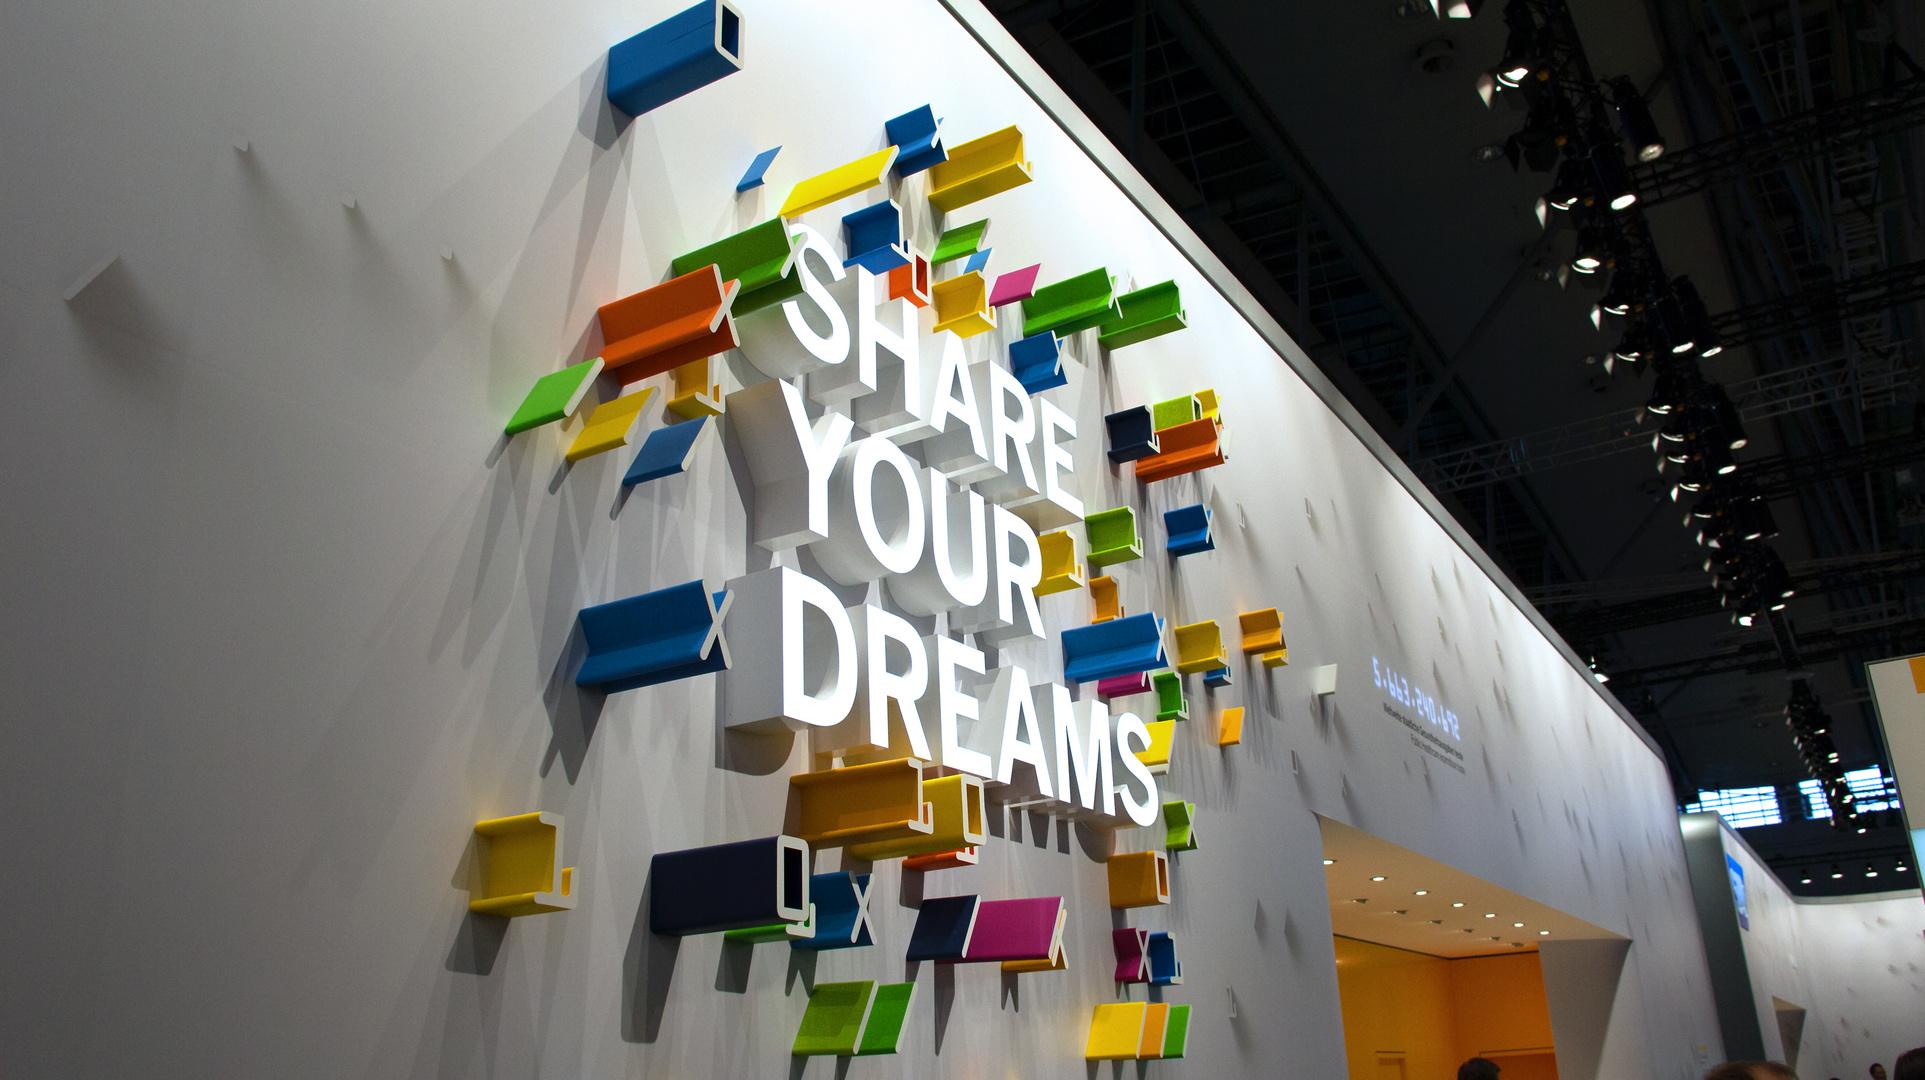 Teile deine Träume